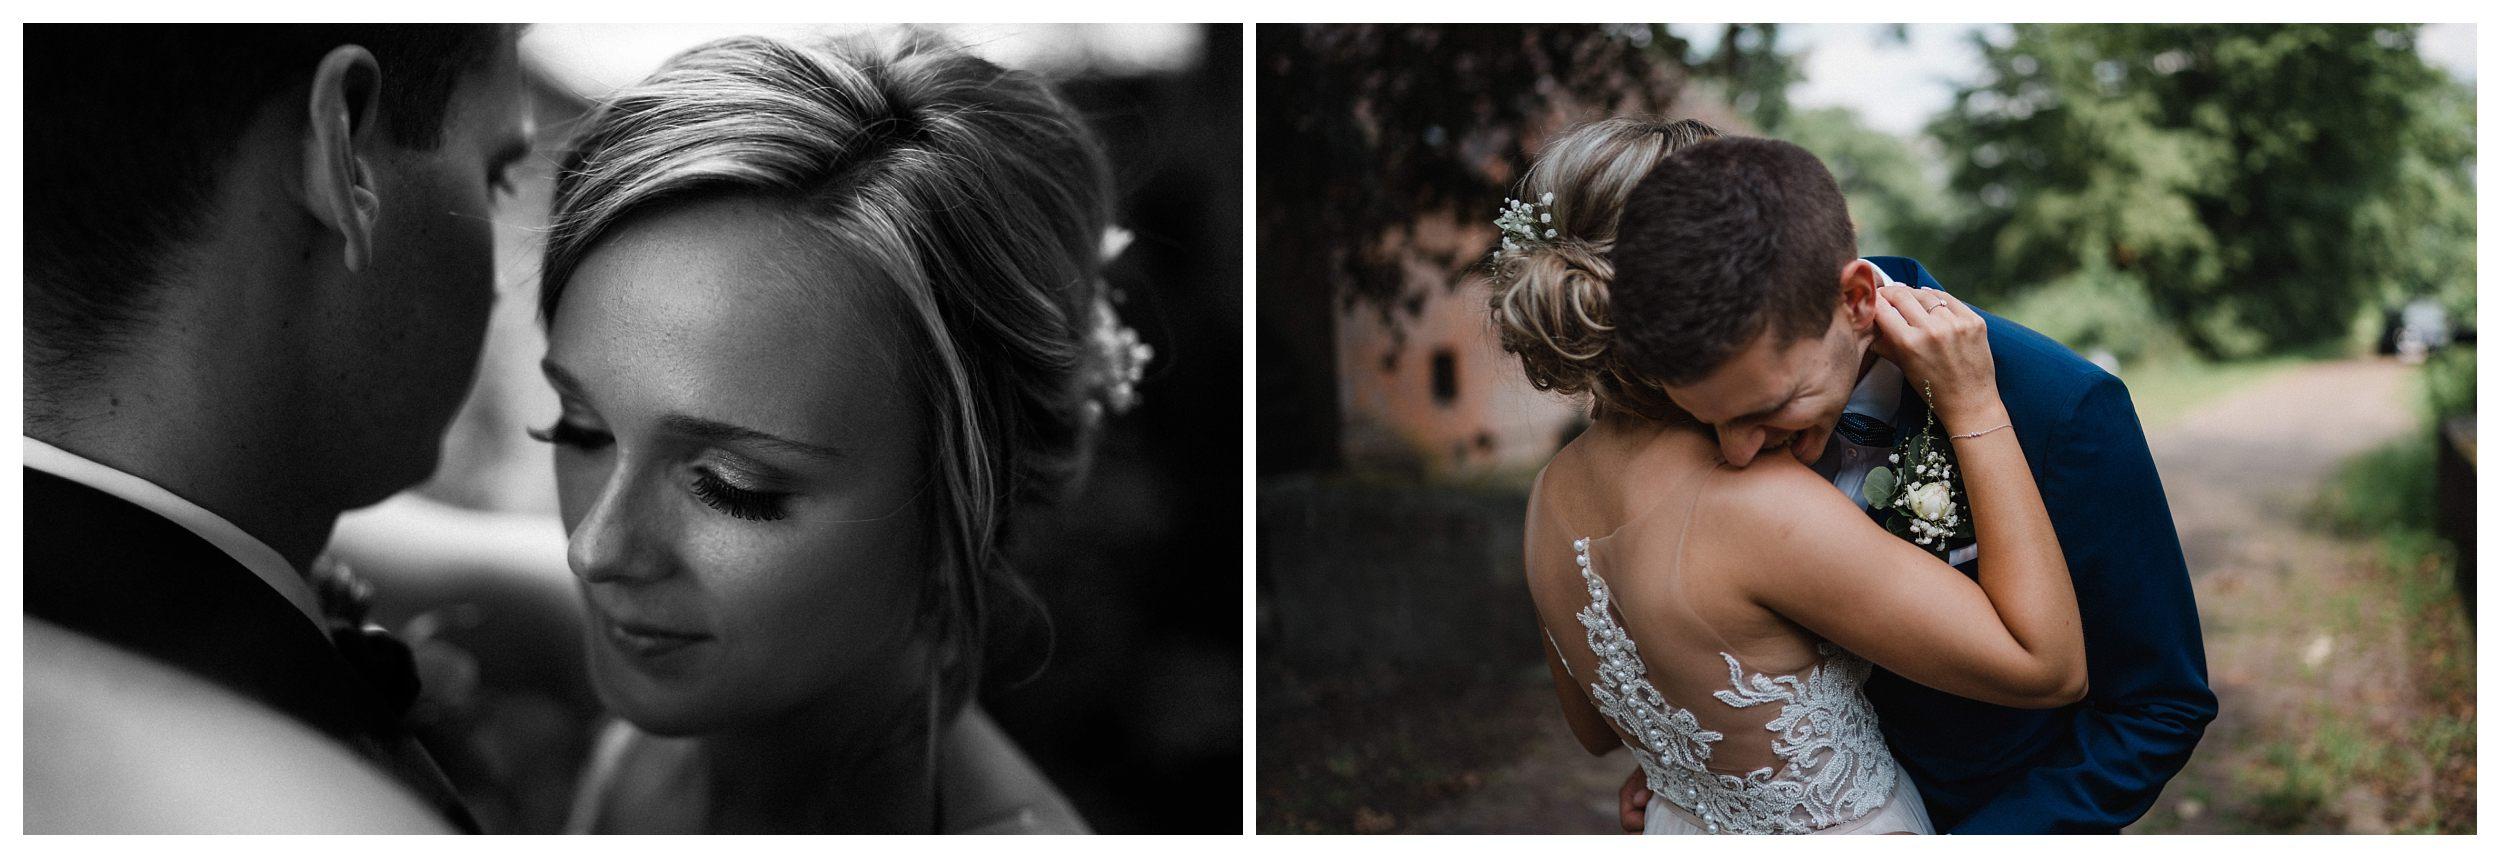 huwelijksfotograaf bruidsfotograaf destinationwedding huwelijksfotografie in mol oostham (43).jpg